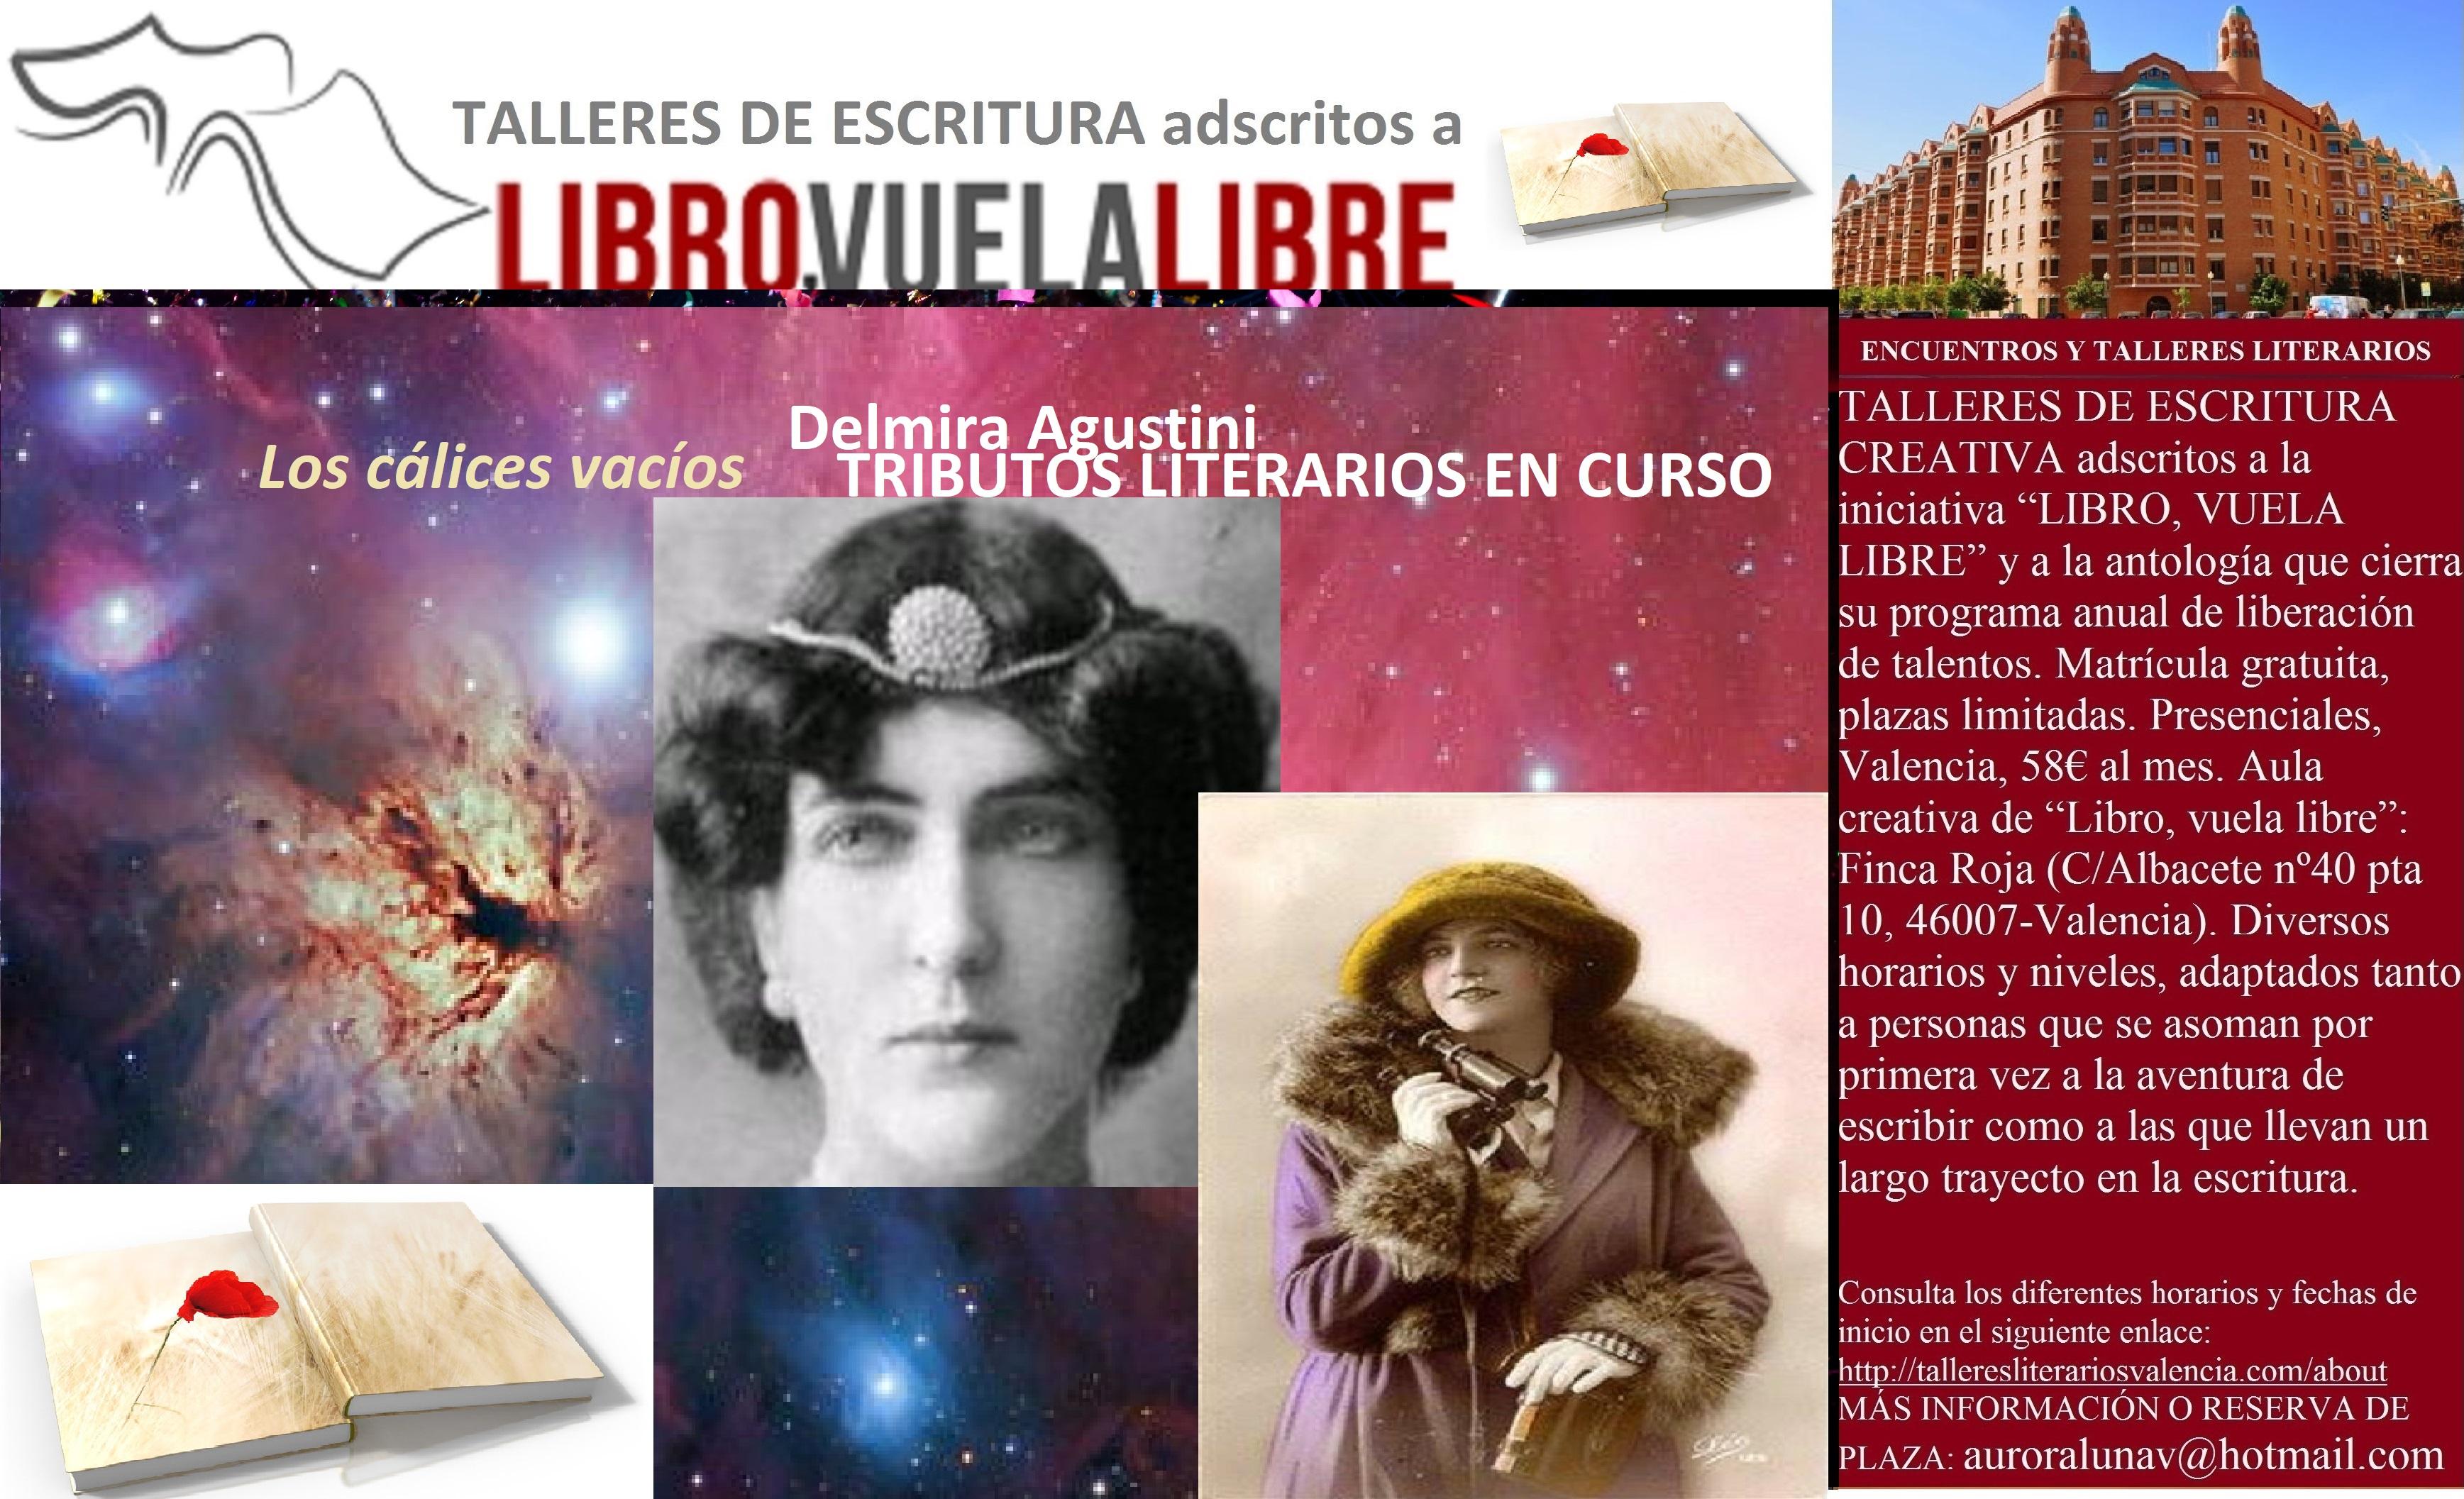 LA LÍRICA ERÓTICA DE DELMIRA AGUSTINI. Taller de escritura: tributos literarios en curso